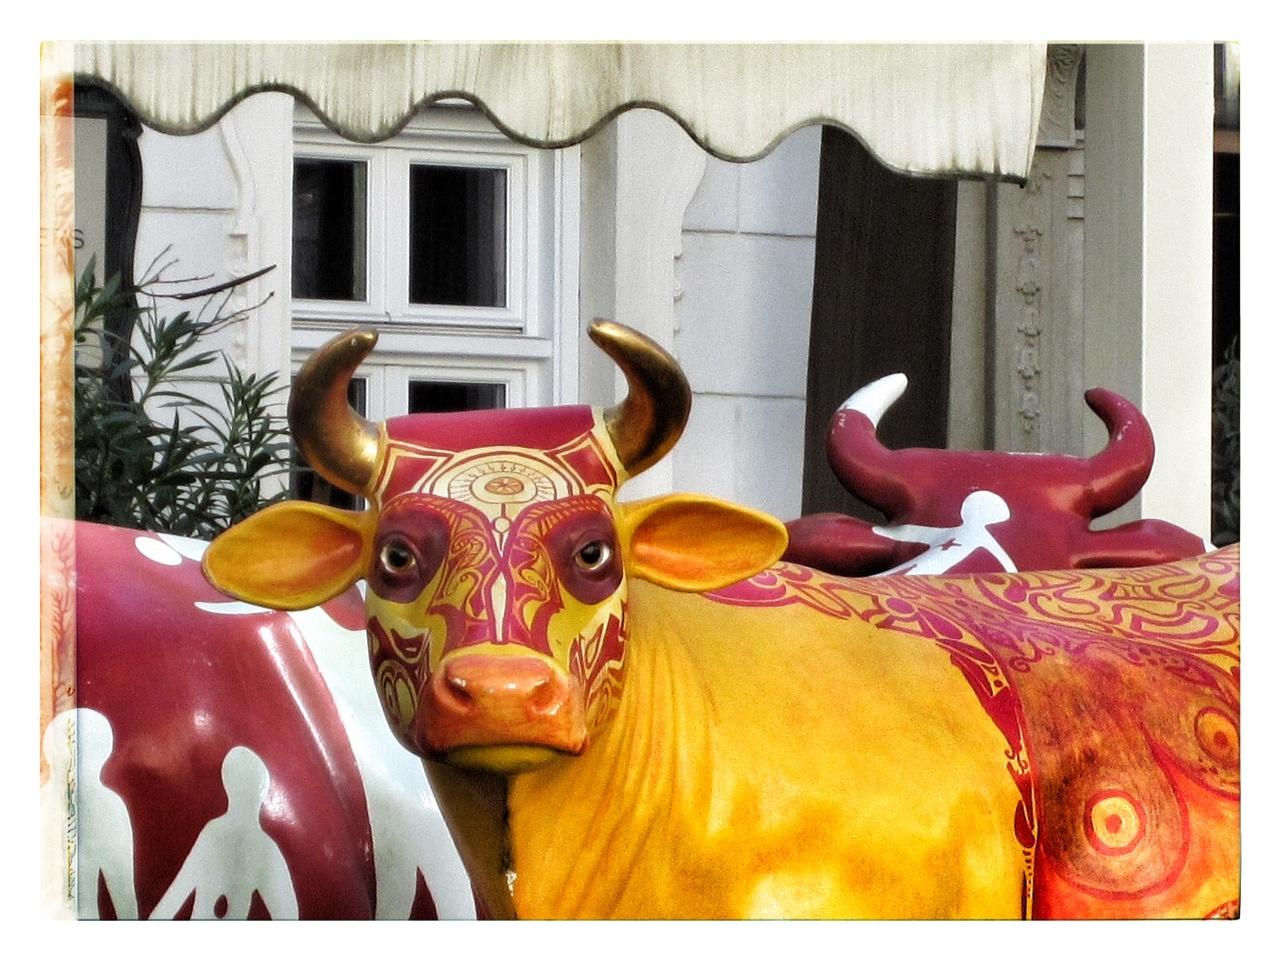 Mucche in metallo davanti a palazzo bianco